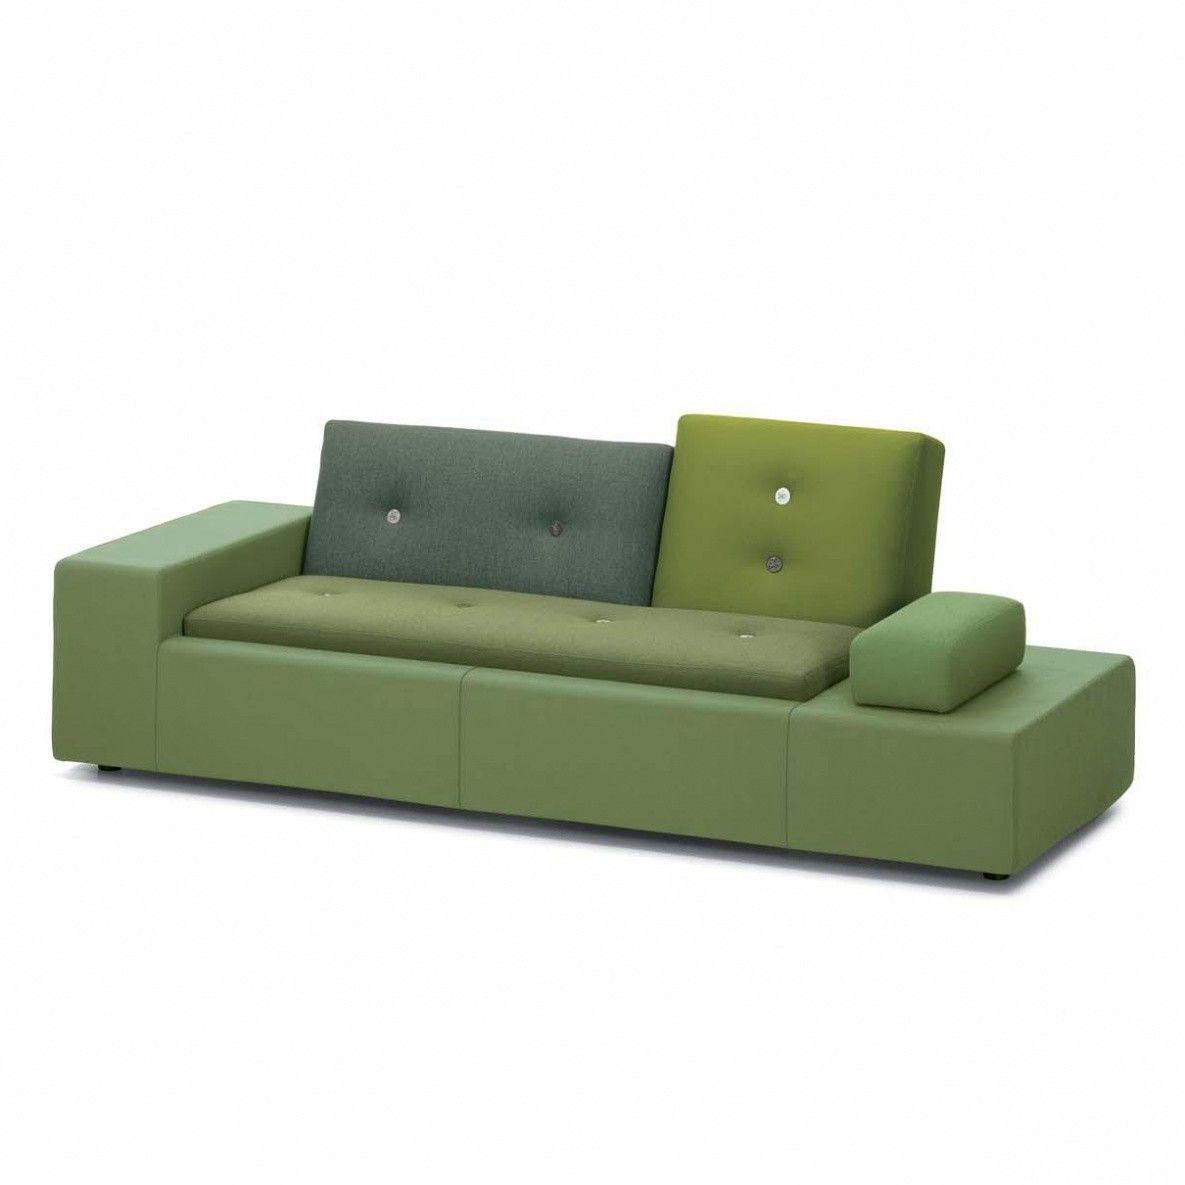 Gewaltig Sofa Grün Dekoration Von Vitra - Polder Xs - Grün/armlehne Links